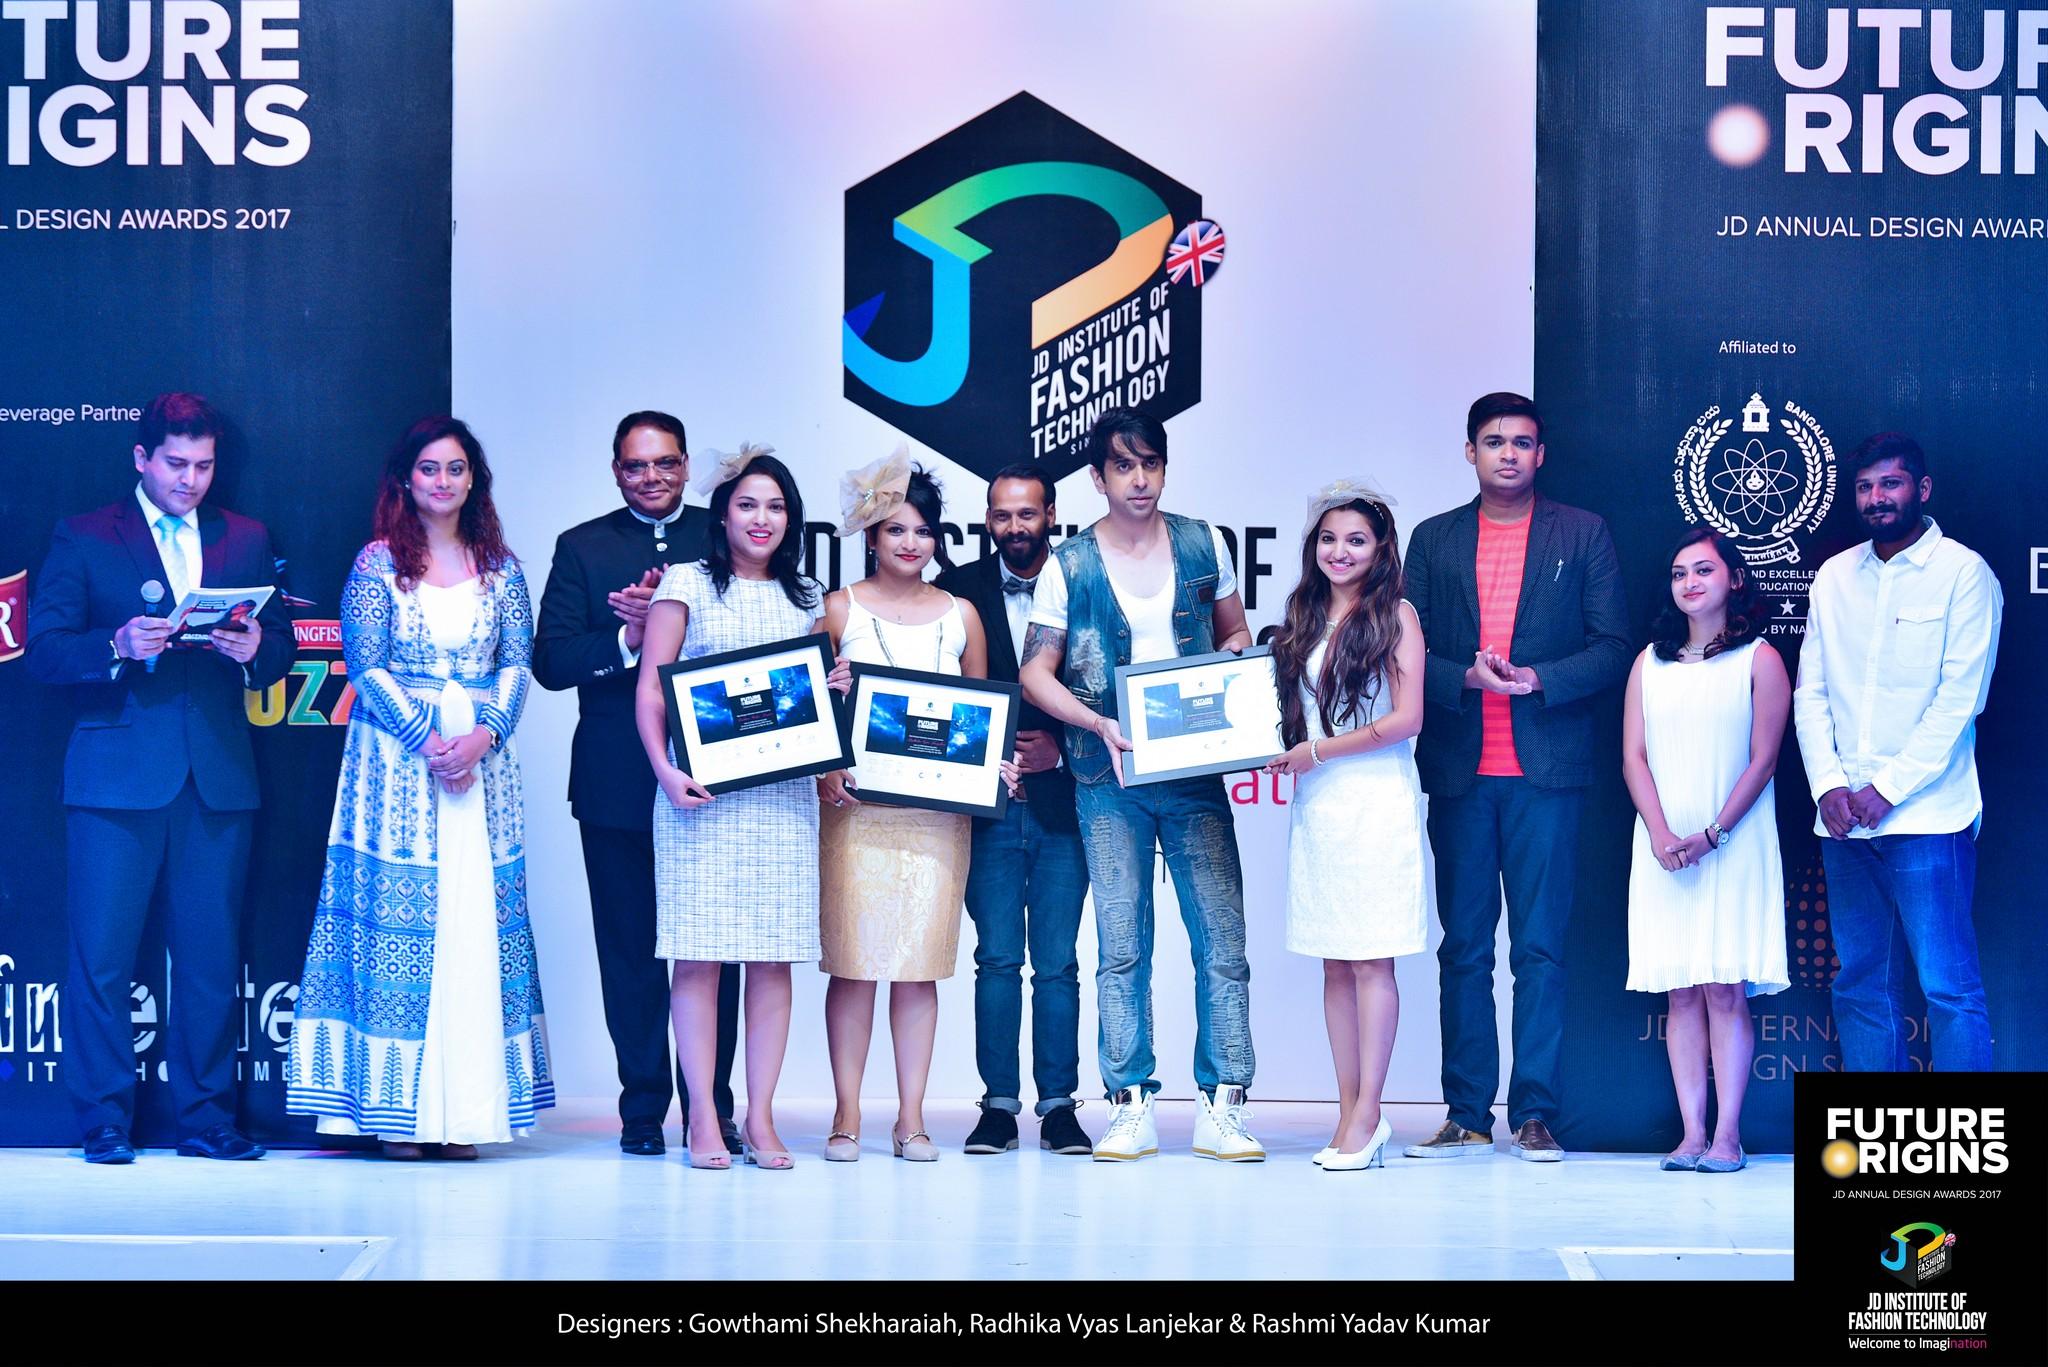 Unblend - Future Origin - JD Annual Design Awards 2017   Photography : Jerin Nath unblend Unblend – Future Origin – JD Annual Design Awards 2017 Unblend Future Origin JD Annual Design Awards 2017 8